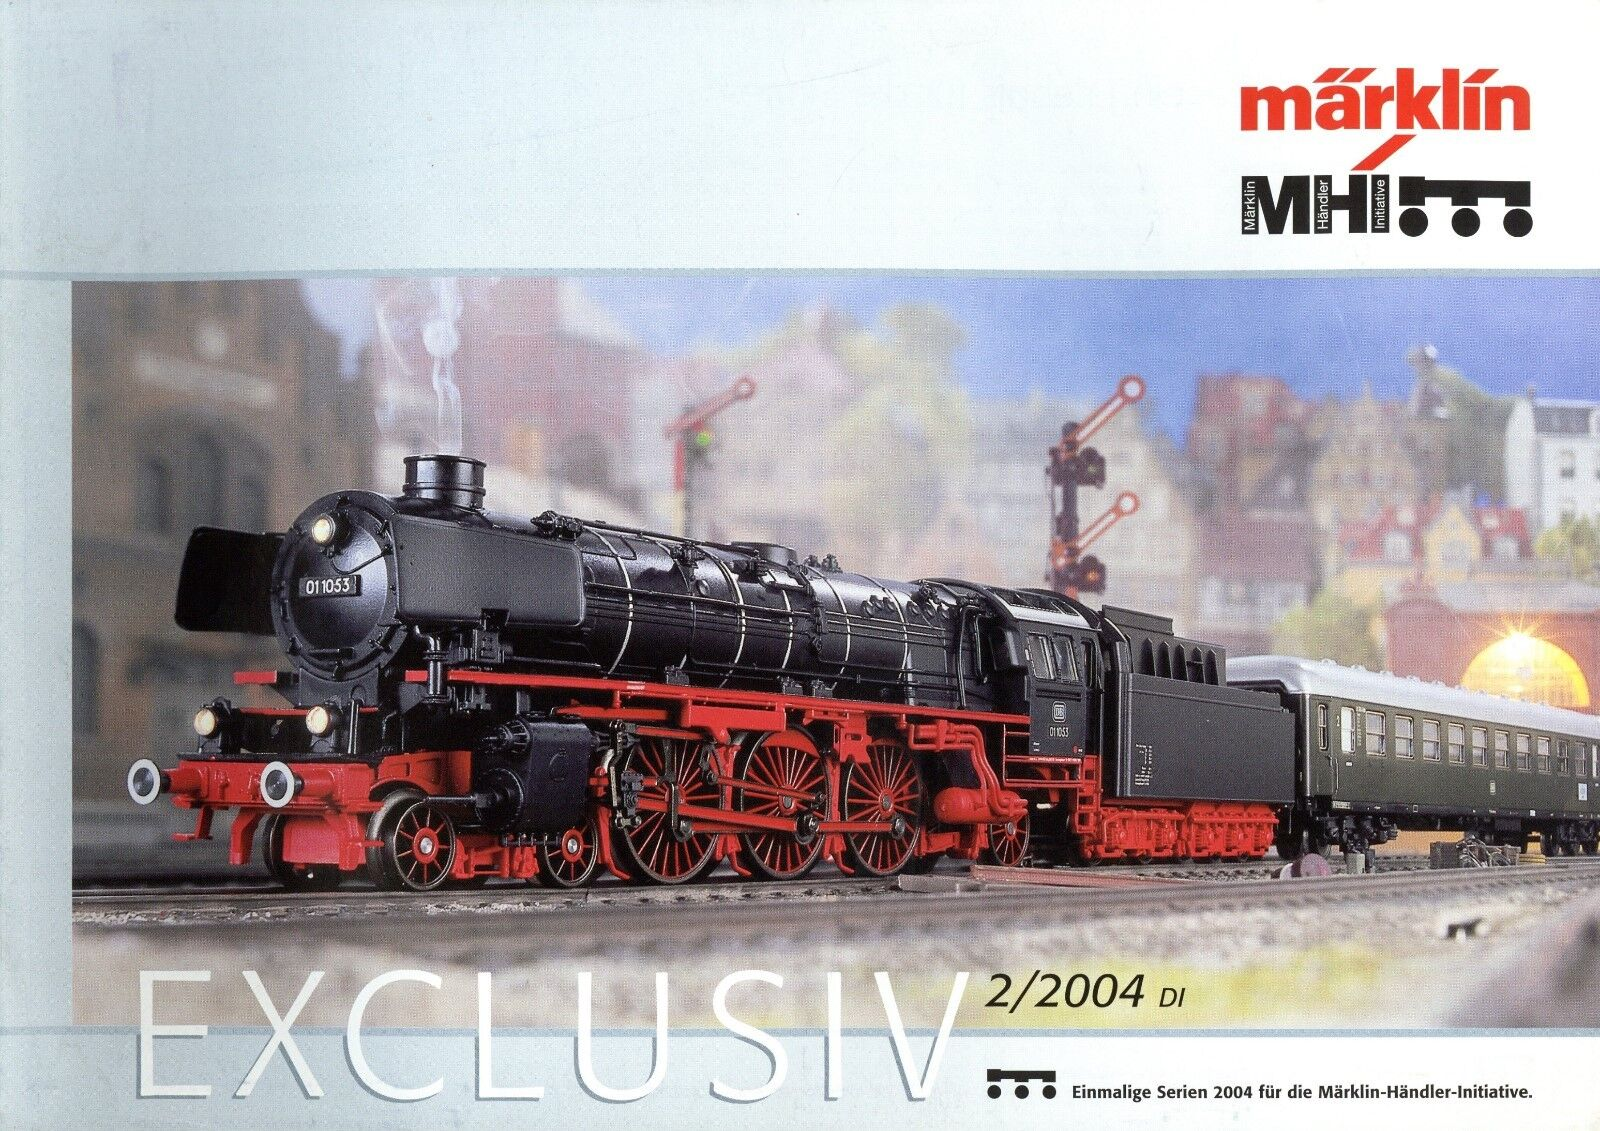 Märklin Exclusiv Prospekt 2004 2 04 brochure Marklin prospectus broschyr catalog